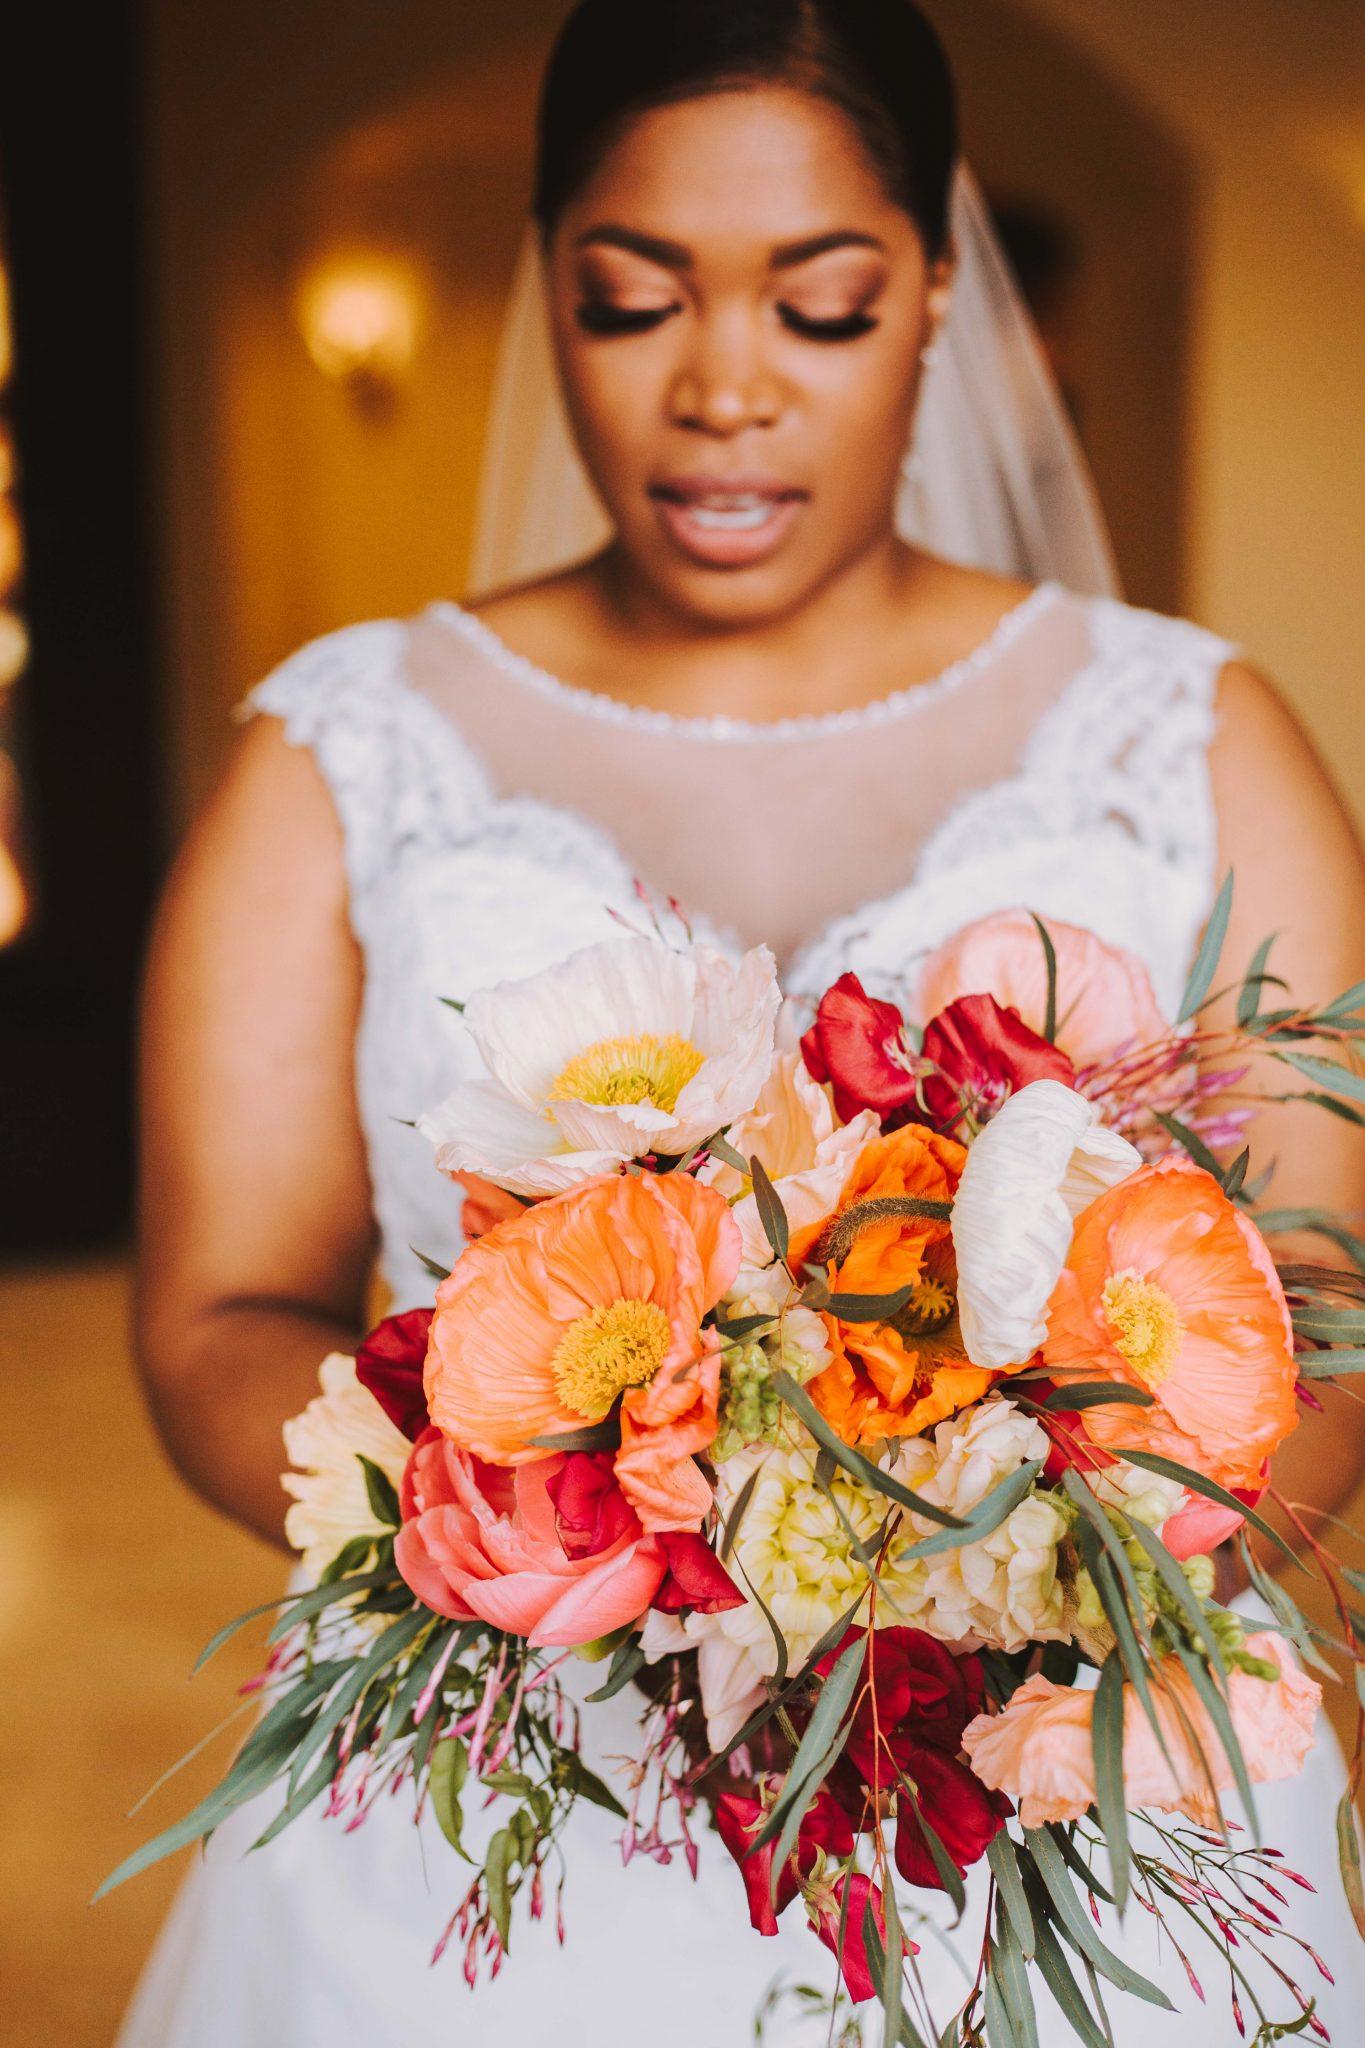 Bruid met een kleurrijk bruidsboeket op de bruiloft | Bruidsfotografie